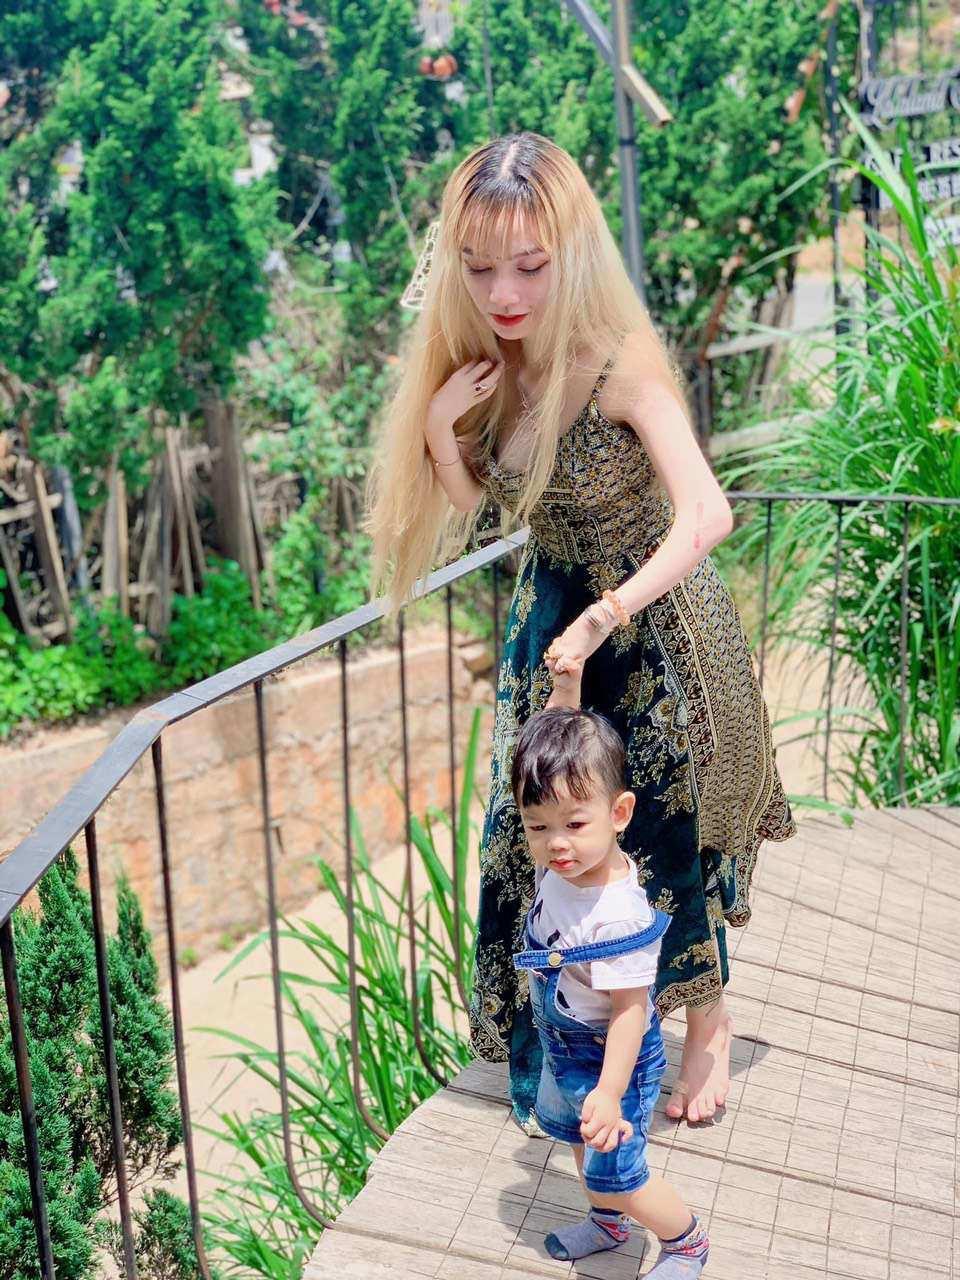 Mẹ đơn thân ở Đà Lạt chăm con, trang điểm bằng chân - Ảnh 3